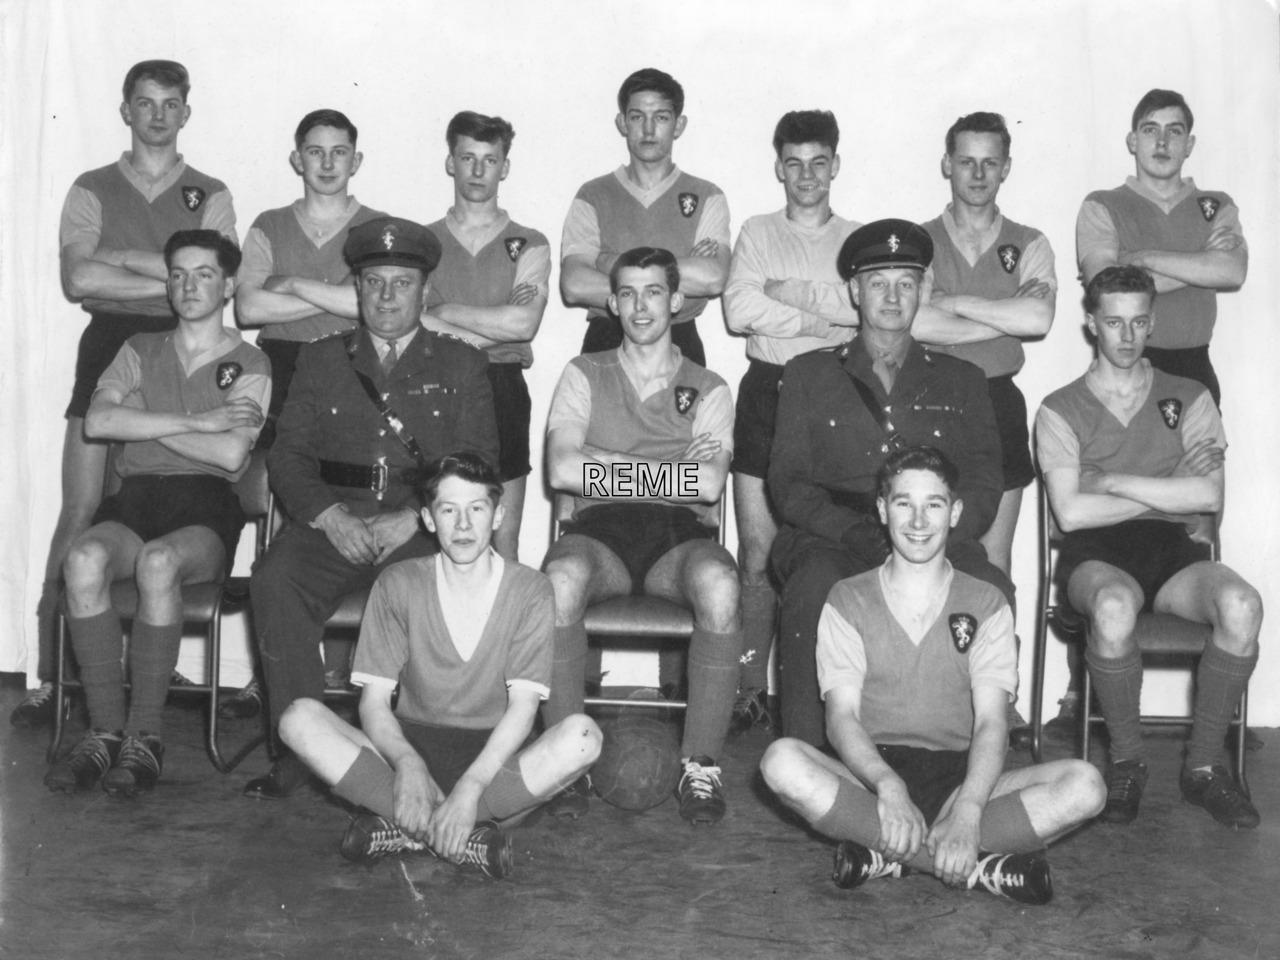 Junior Leaders' Unit, REME: Football Team 1964